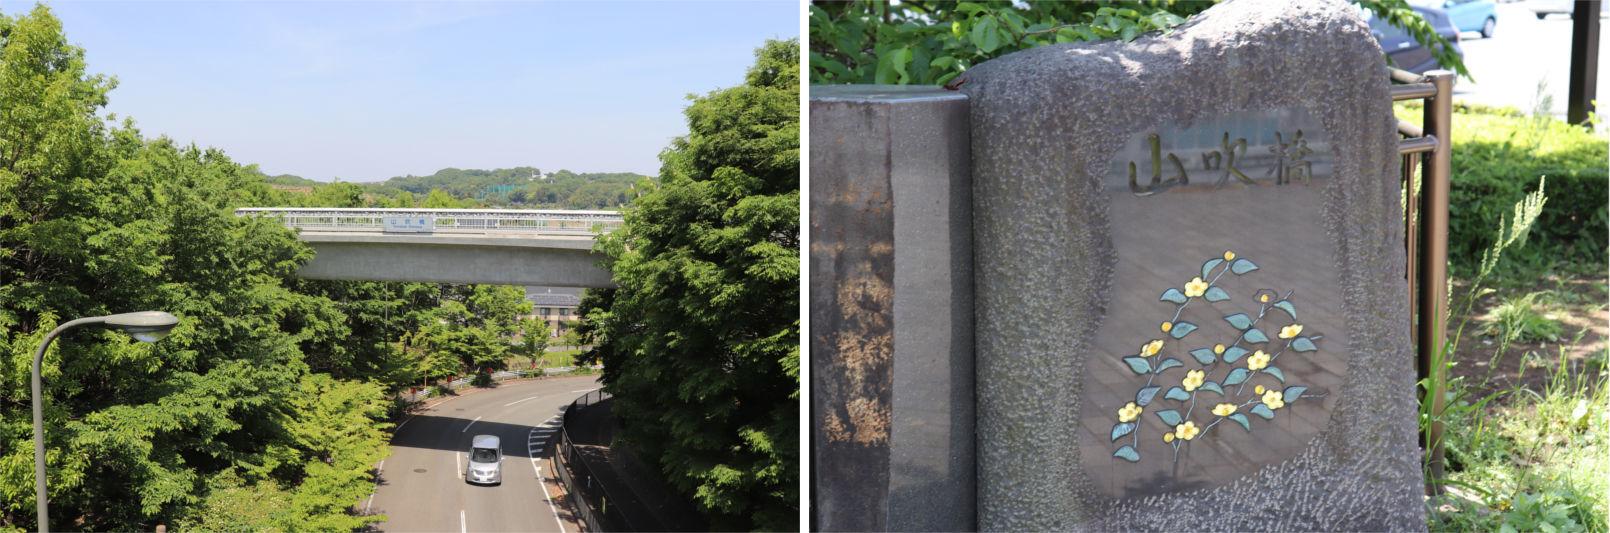 [多摩NTの橋ぜんぶ撮影PJ] No.36~40 上柚木公園周辺の橋_a0332275_01243606.jpg